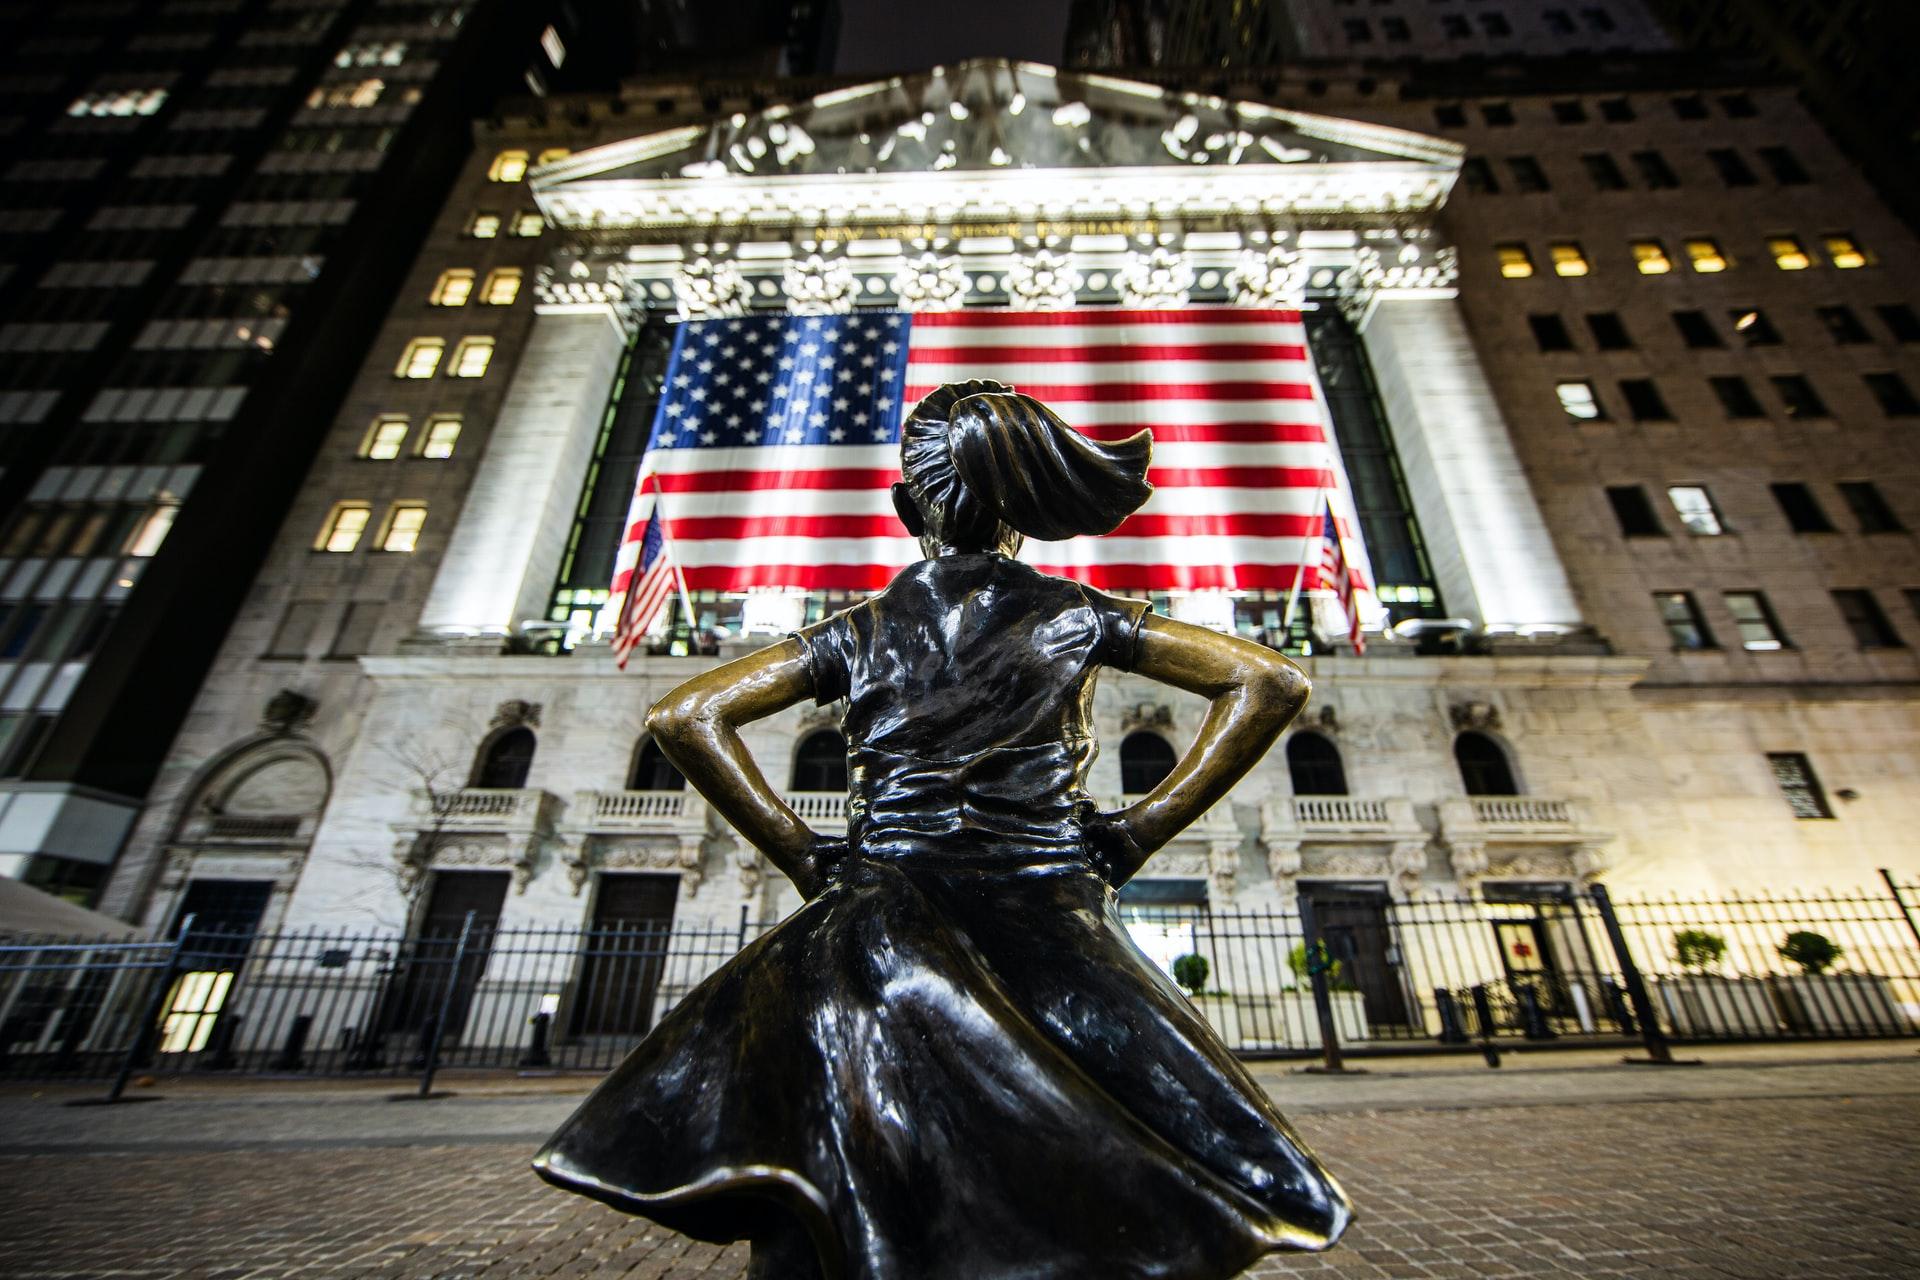 Une statue de jeune fille devant la bourse de new york